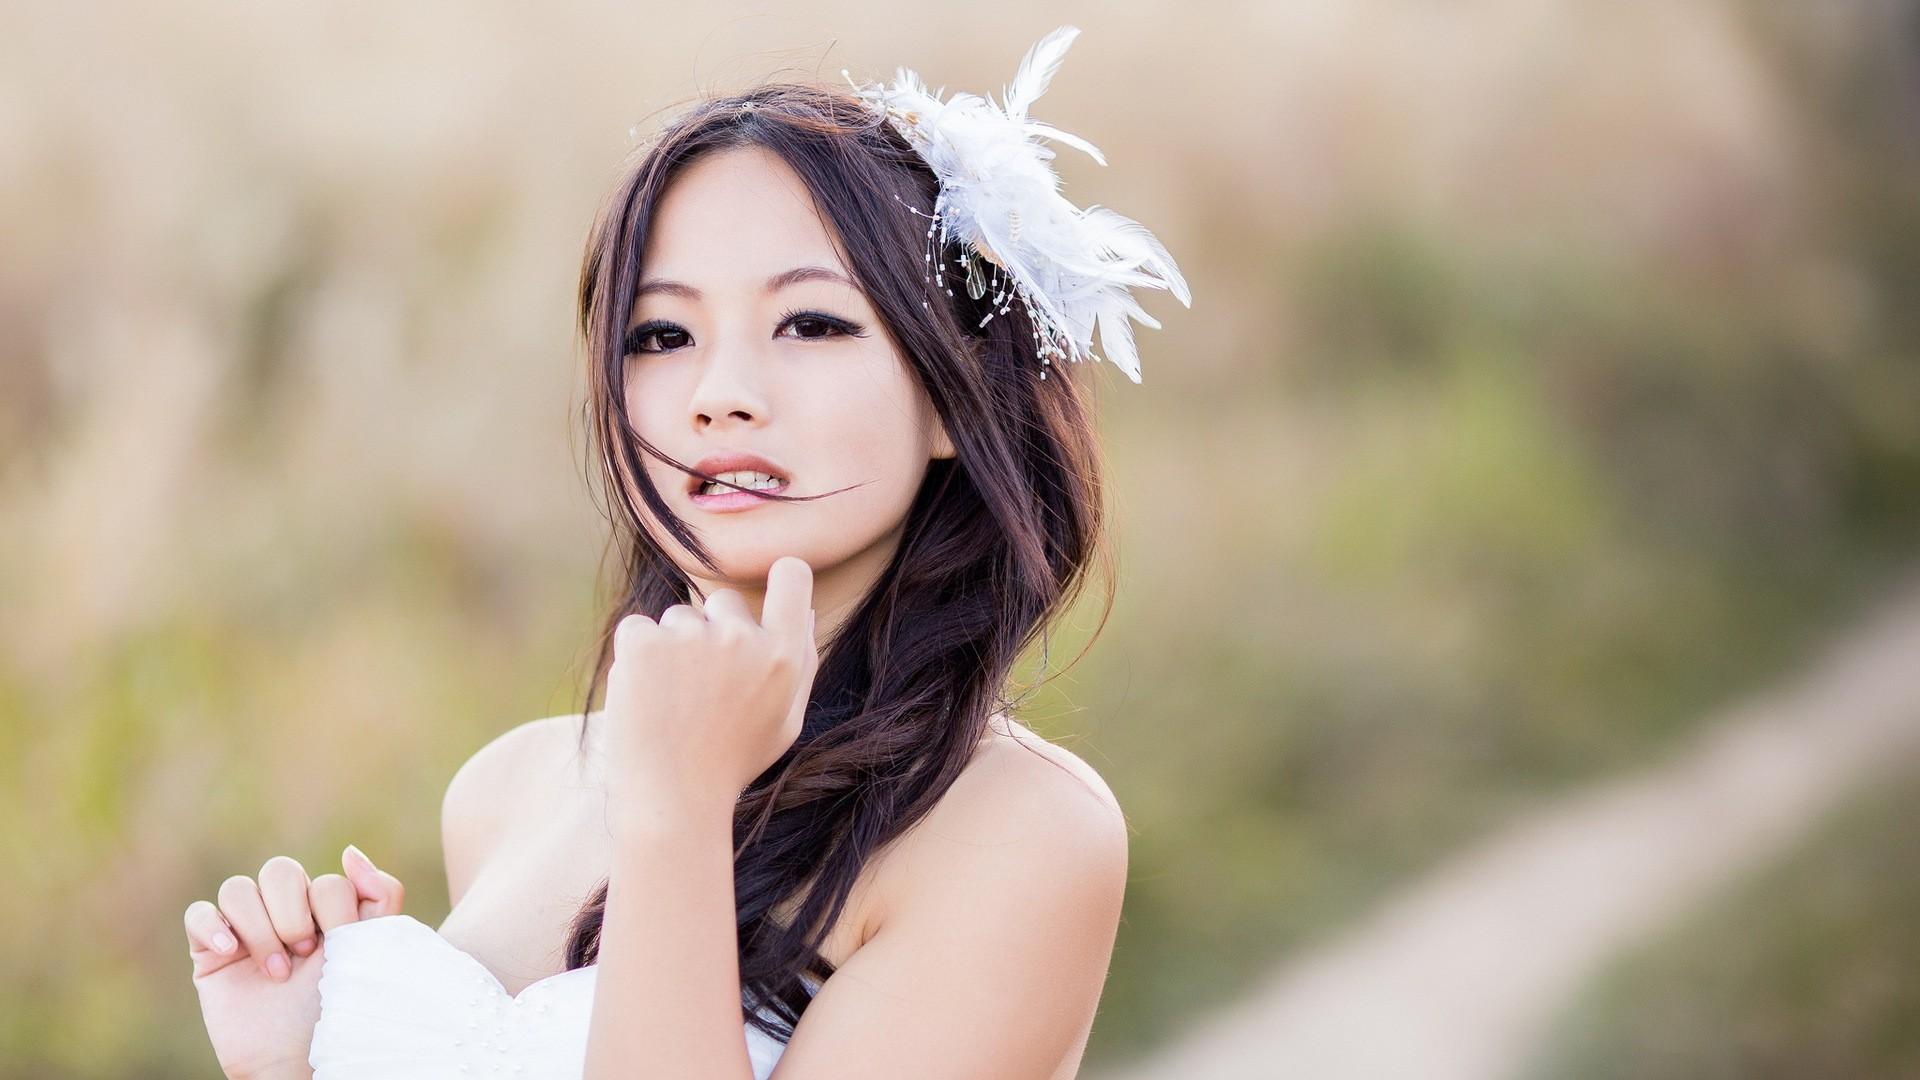 People 1920x1080 women model brunette long hair Asian women outdoors brown eyes open mouth white dress feathers depth of field Japanese women